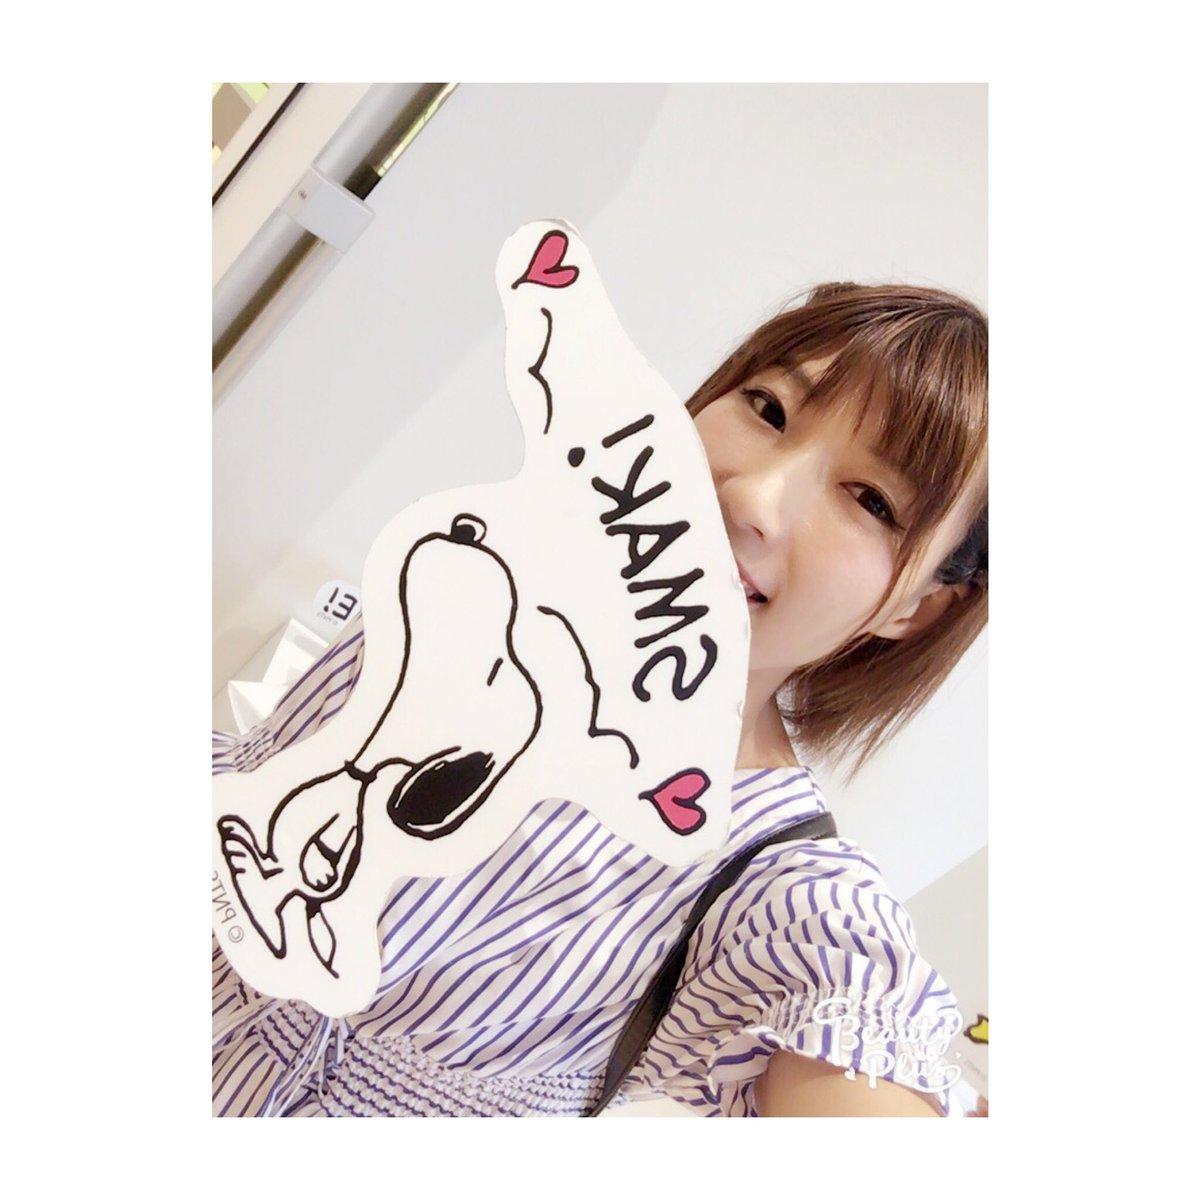 この間、スヌーピーミュージアム行ったよぉ〜〜🐶✨癒されましたぁ💓うふふ♪明日待ってるねぇ🤗おやぷにぃ。#KRD8#きゅん